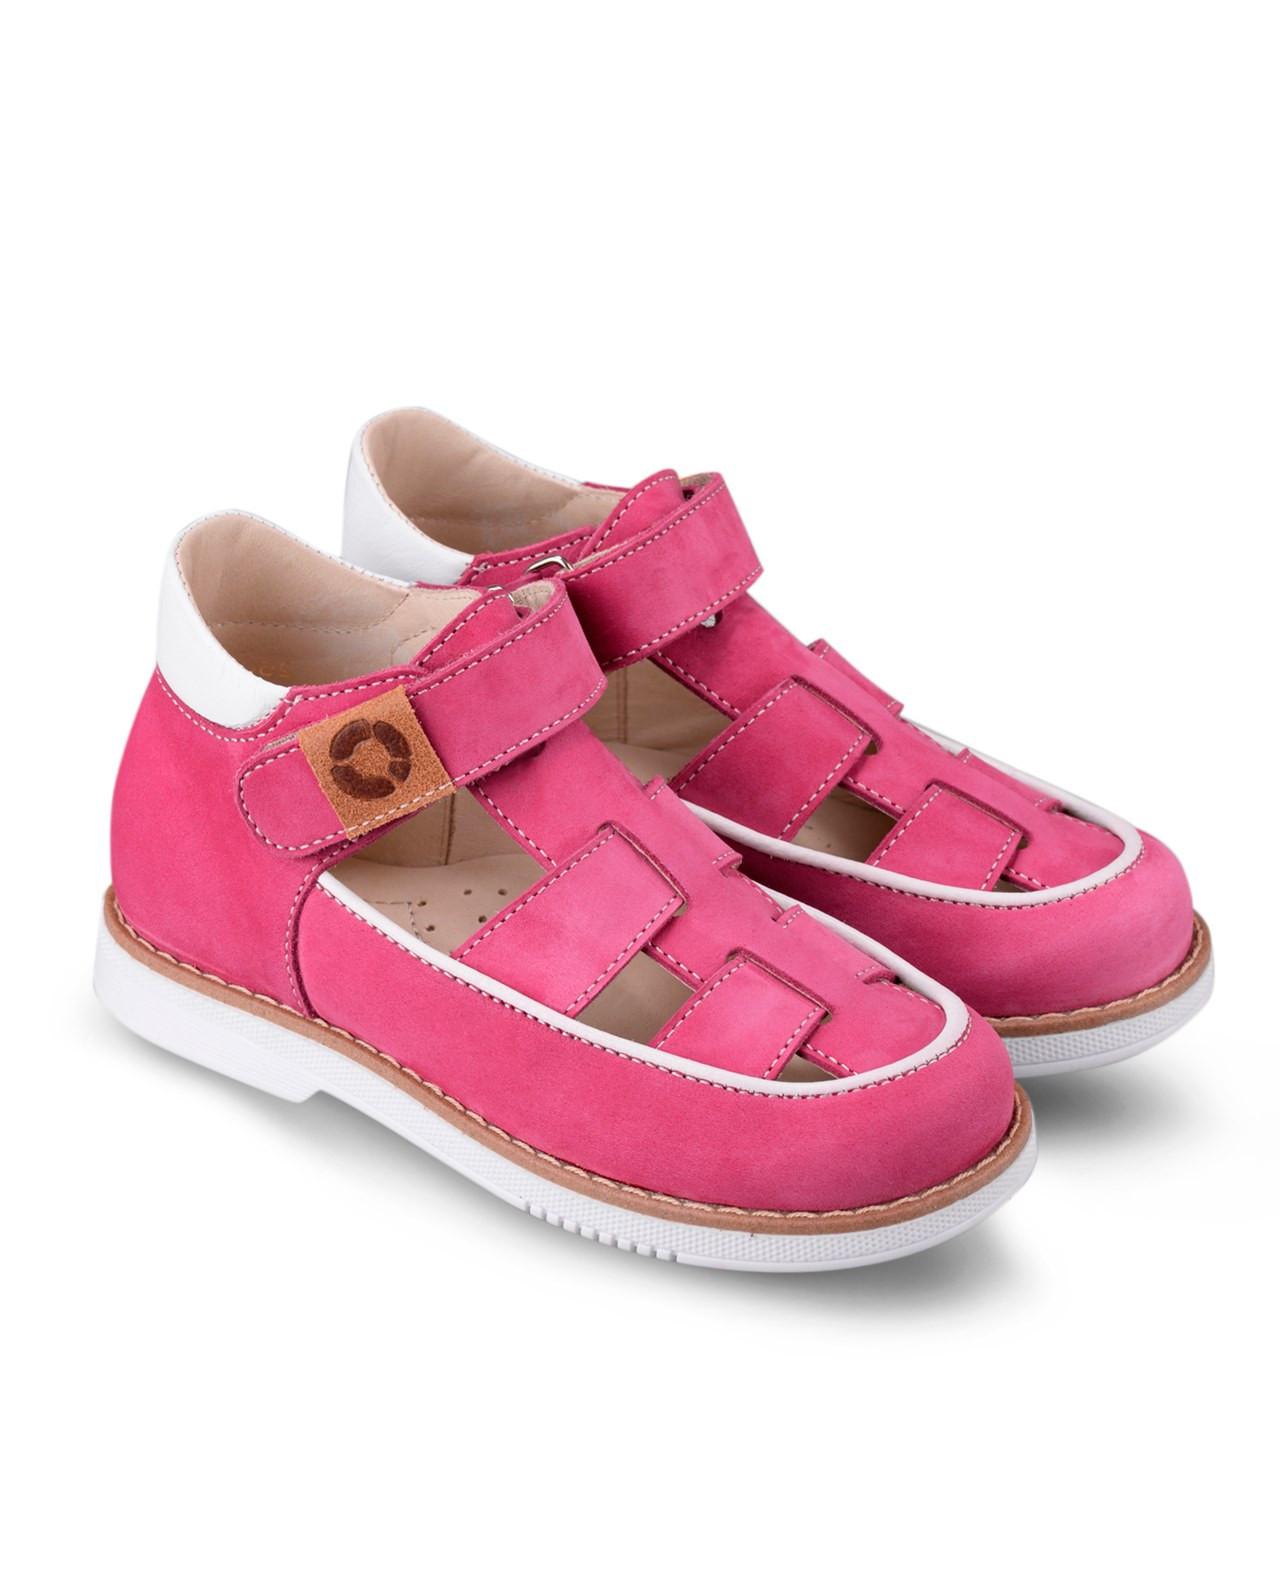 Туфли Детские, Tapiboo Чизкейк (43159, 26 )Туфли<br>Туфли для ежедневной профилактики плоскостопия. <br>Идеальны как сменная обувь в детский сад <br>и начальную школу. Широкий, устойчивый каблук, <br>специальной конфигурации «каблук Томаса». <br>Каблук продлен с внутренней стороны до <br>середины стопы, чтобы исключить вращение <br>(заваливание) стопы вовнутрь (пронационный <br>компонент деформации, так называемая косолапость, <br>или вальгусная деформация). Многослойная, <br>анатомическая стелька со сводоподдерживающим <br>элементом для правильного формирования <br>стопы. Благодаря использованию современных <br>внутренних материалов позволяет оптимально <br>распределить нагрузку по всей площади стопы <br>и свести к минимуму ее ударную составляющую. <br>Жесткий фиксирующий задник с удлиненным <br>«крылом» надежно стабилизирует голеностопный <br>сустав во время ходьбы, препятствуя развитию <br>патологических изменений стопы. Упругая, <br>умеренно-эластичная подошва, имеющая перекат <br>позволяющий повторить естественное движение <br>стопы при ходьбе для правильного распределения <br>нагрузки на опорно-двигательный аппарат <br>ребенка. Подкладка из кож<br>Размер INT: M; Цвет: Красный; Ширина: 100; Высота: 200; Вес: 1000;